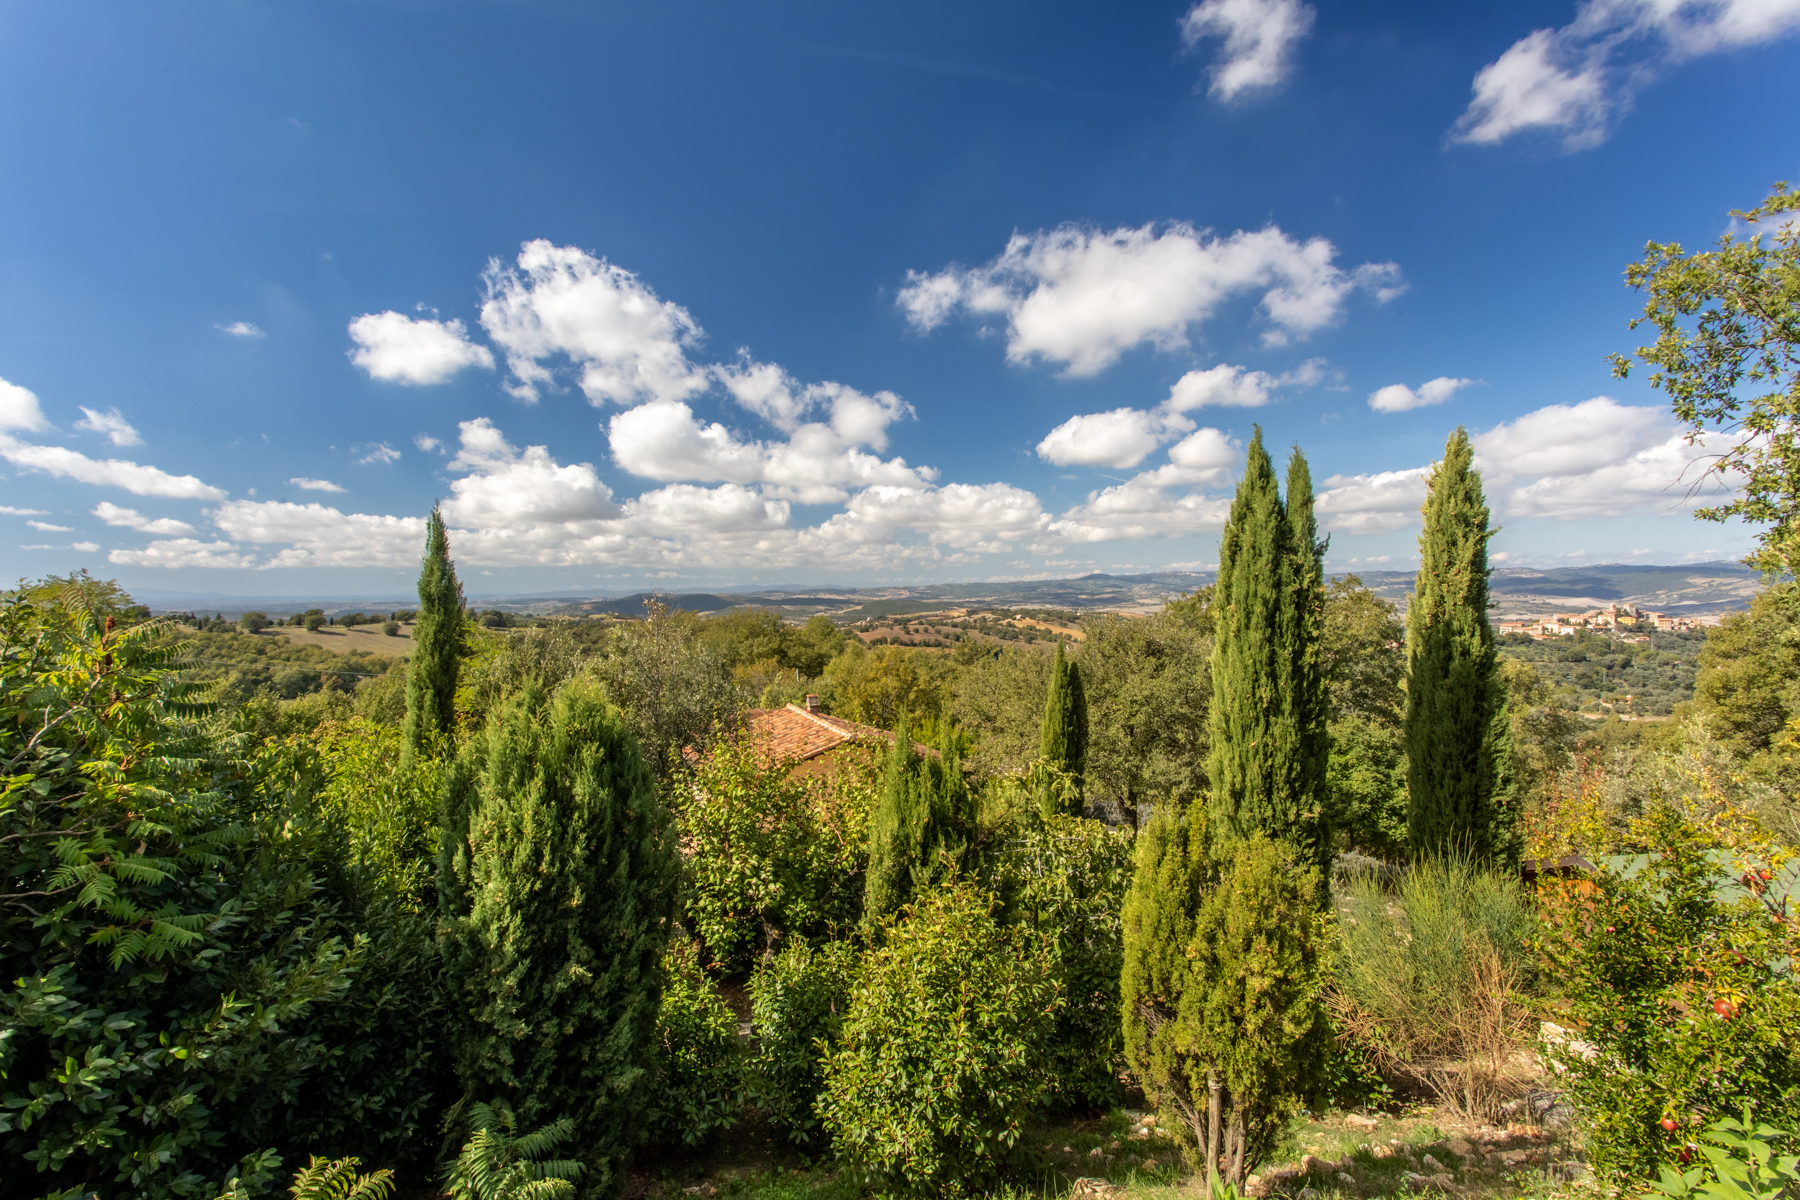 Rustico in Vendita a Manciano: 5 locali, 520 mq - Foto 26